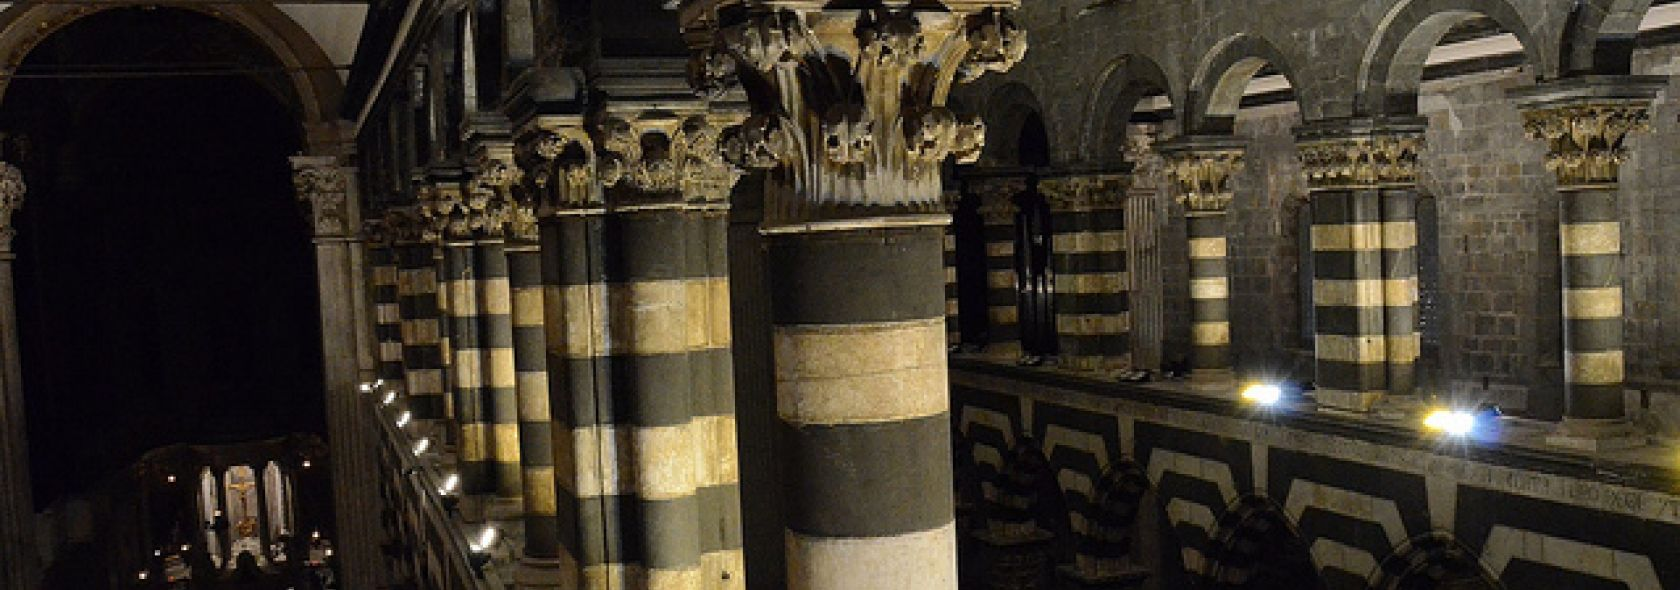 Cattedrale di San Lorenzo: interno - foto: Marino - ©genovacittadigitale